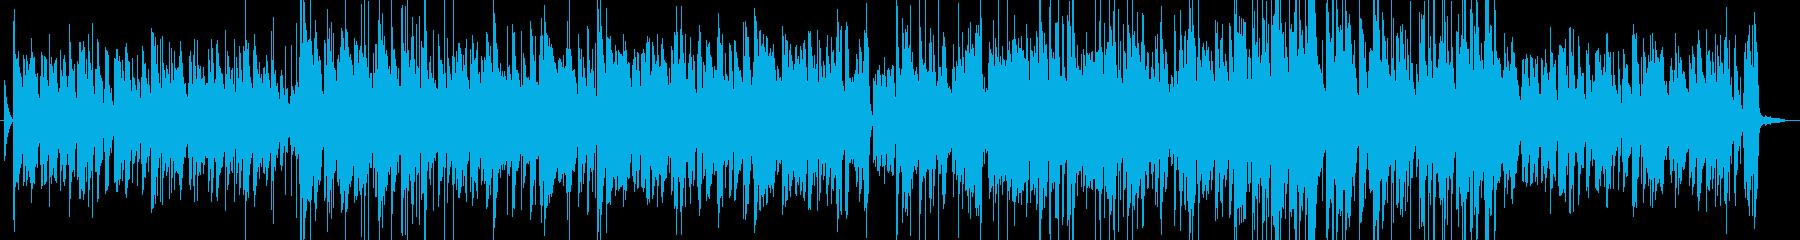 シンプルなジャズの再生済みの波形